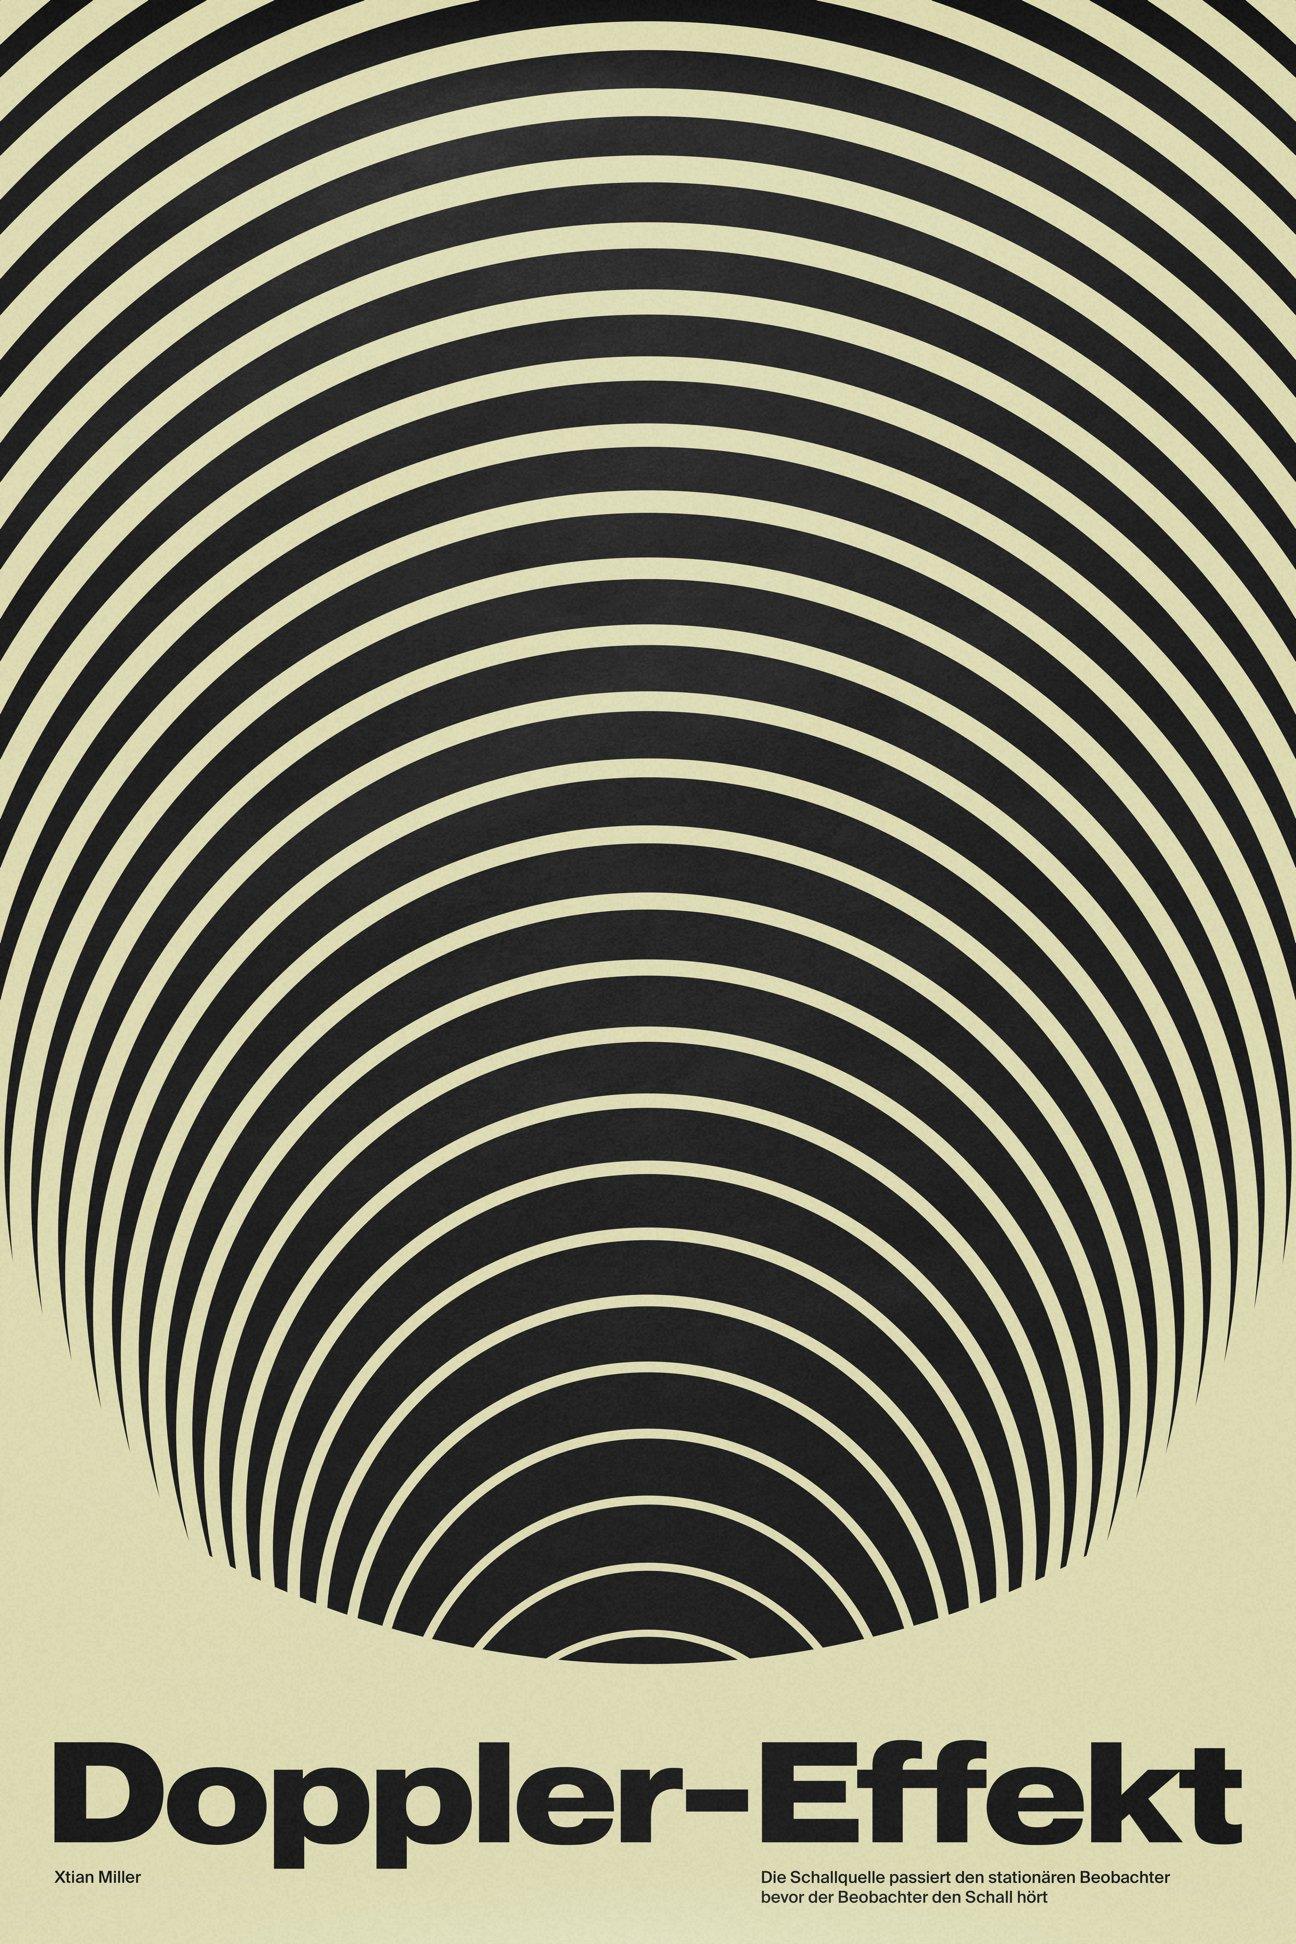 Doppler-Effekt SIGNAL A poster by Xtian Miller